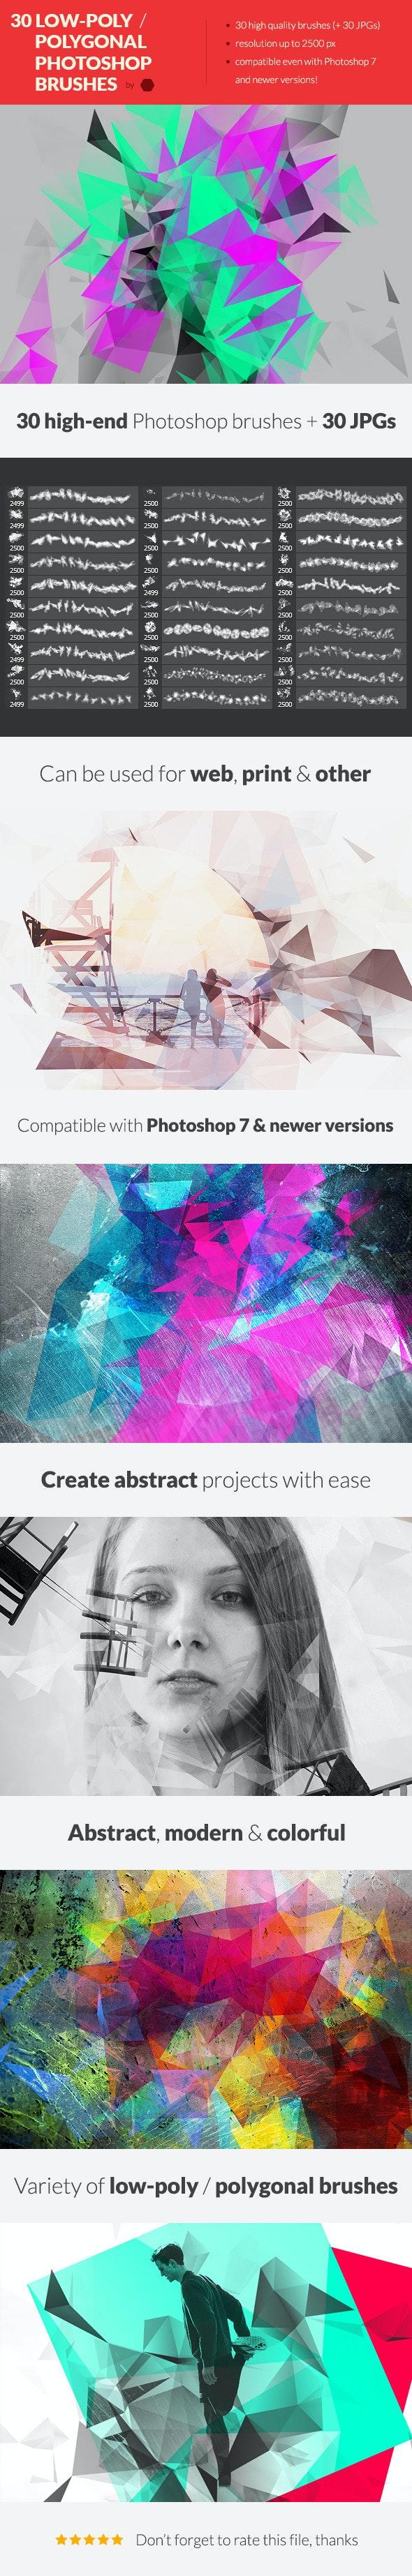 30 Low-Poly / Polygonal Photoshop Brushes - Brushes Photoshop